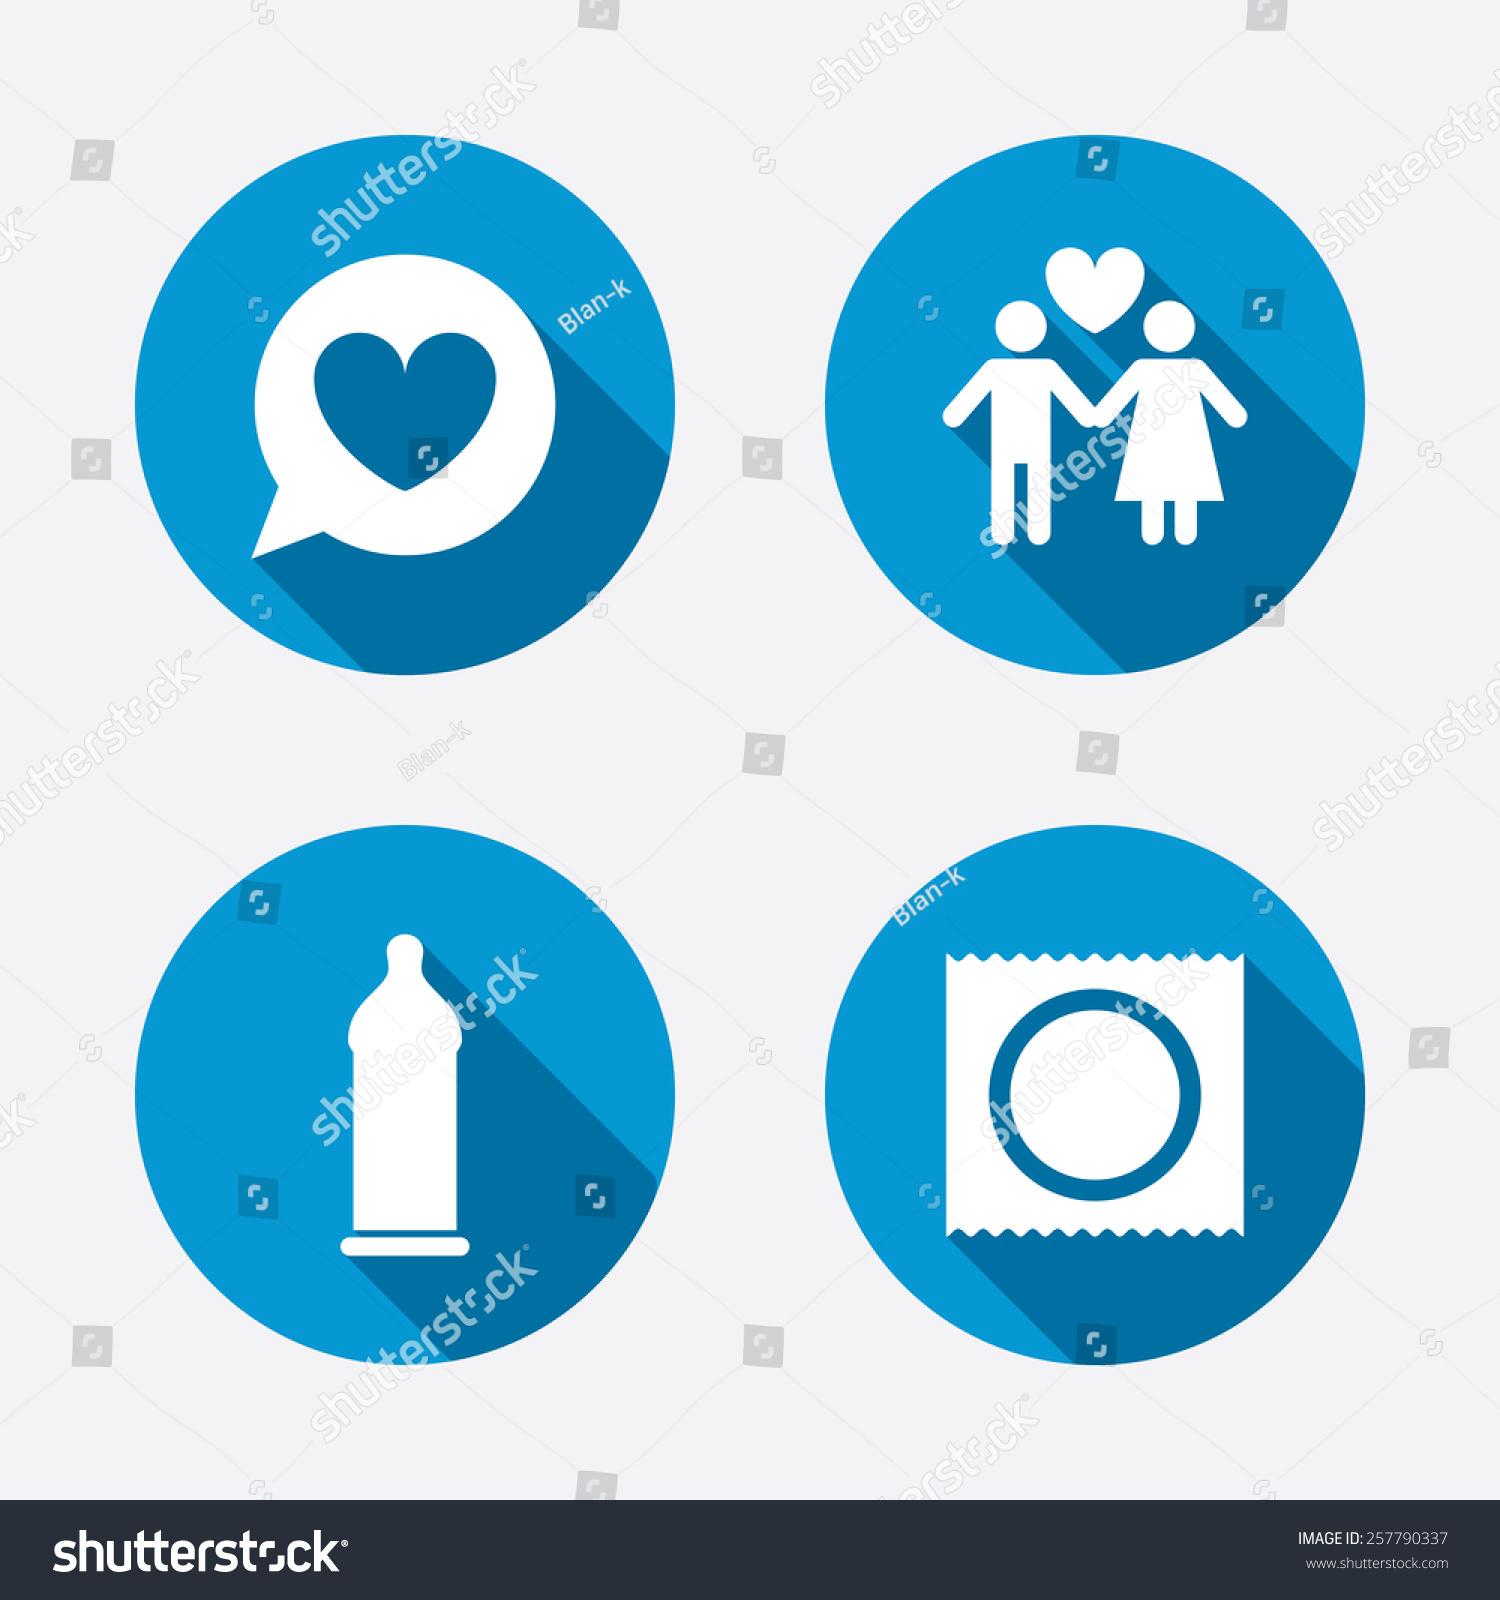 Kondom Safe Sex Ikoner Elsker Par Stockvektor 257790337-1604